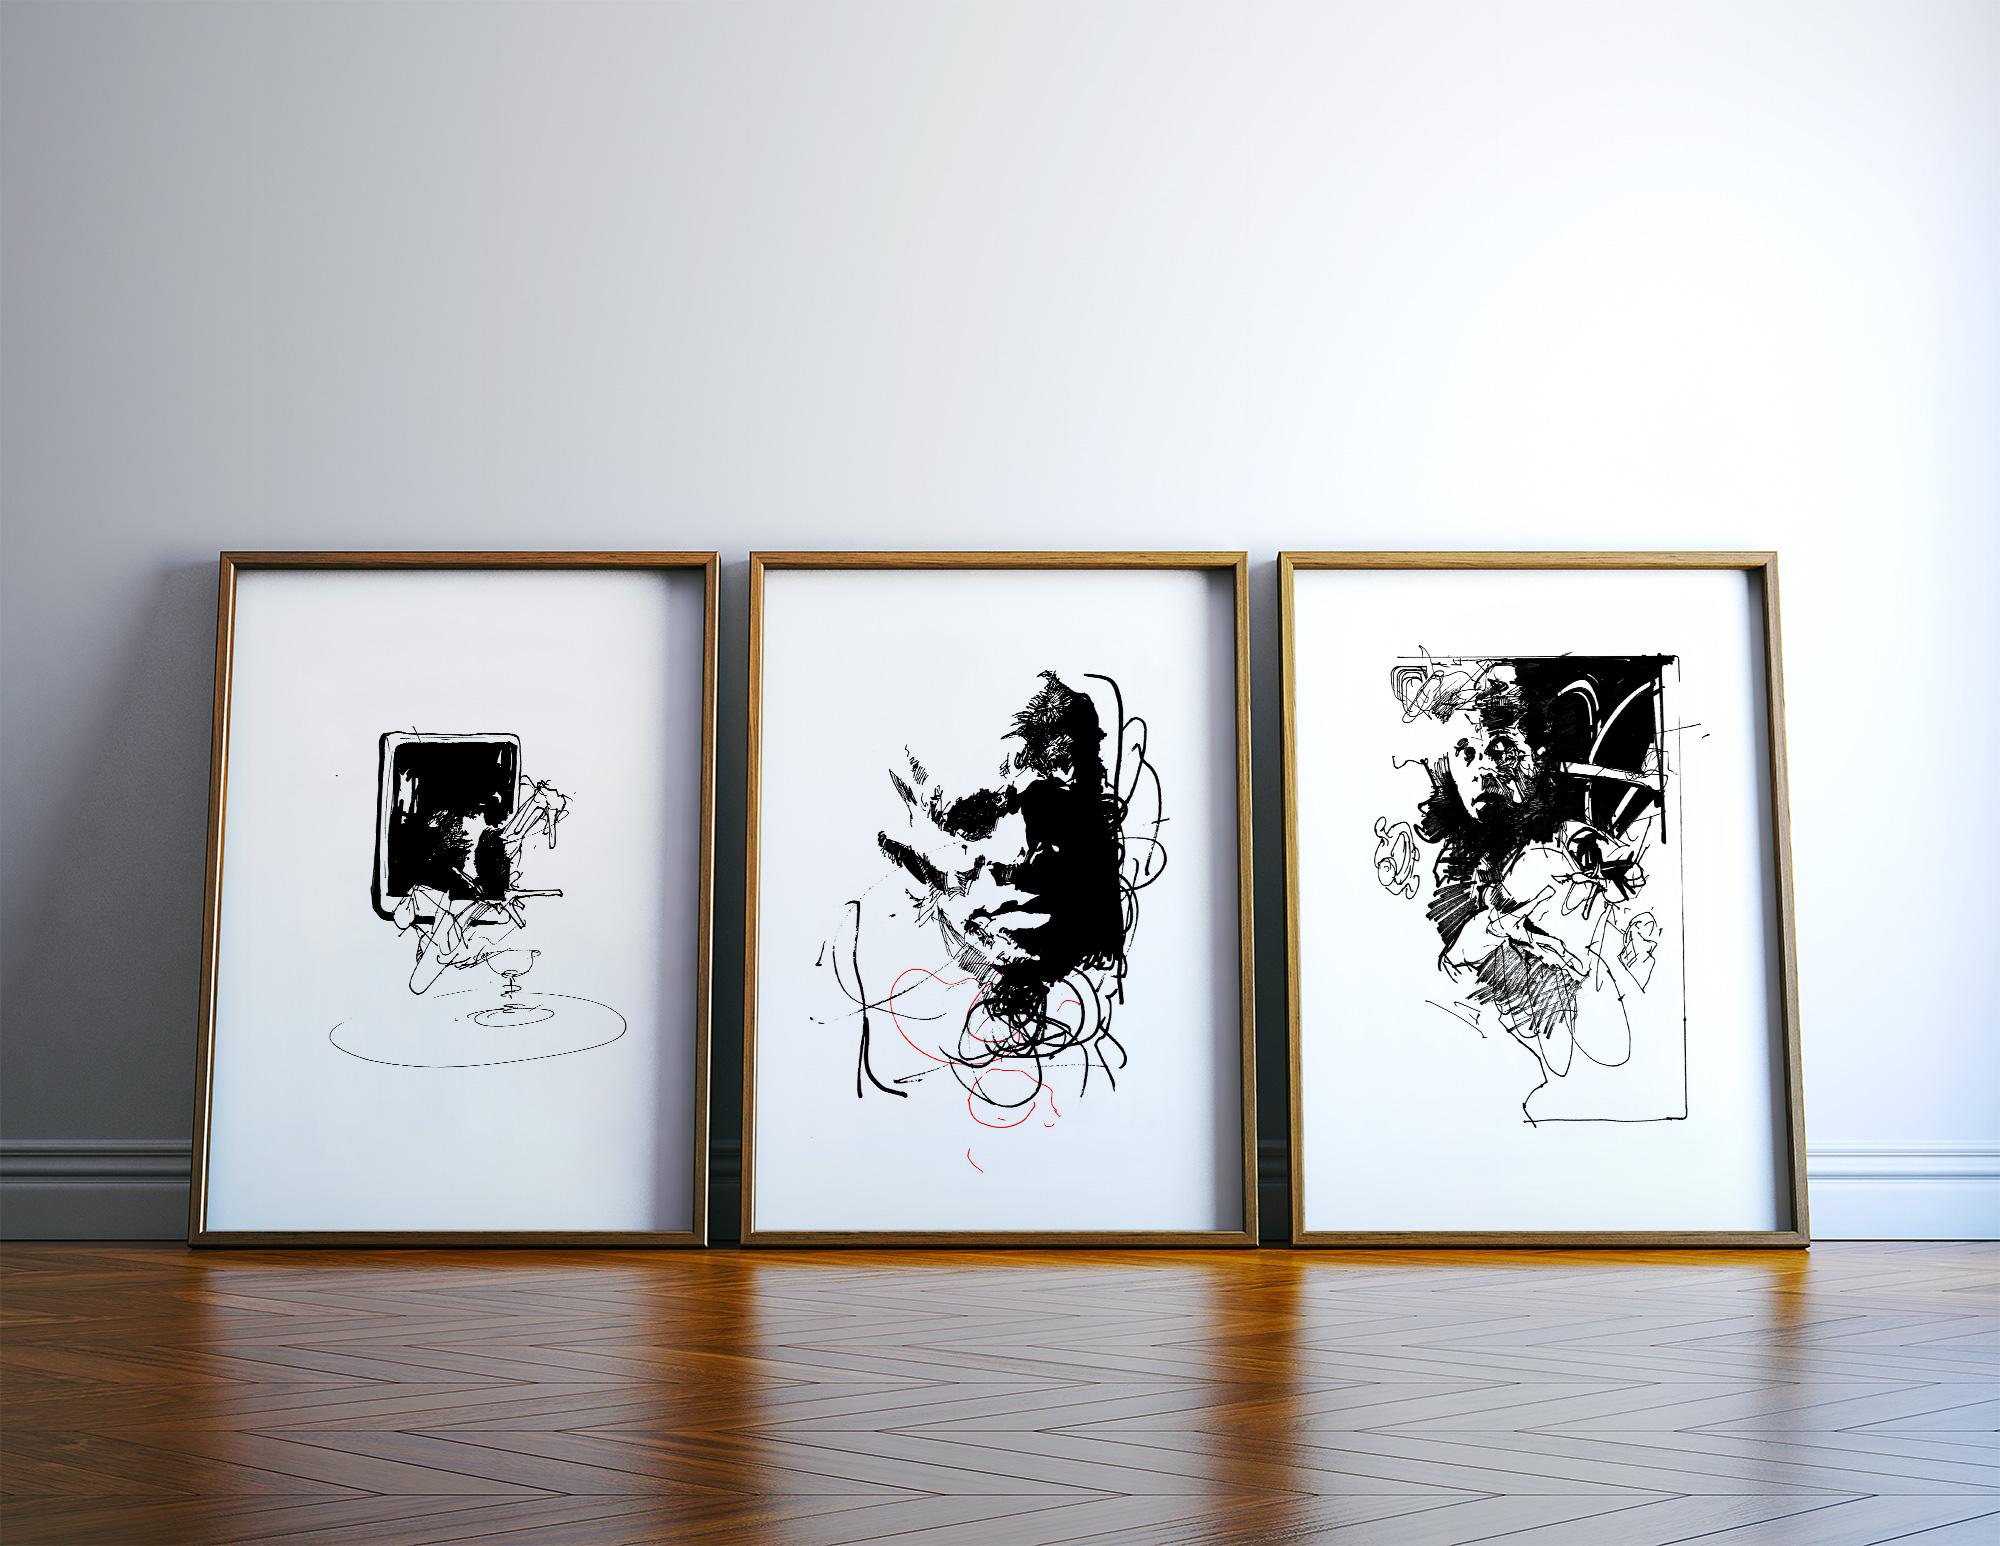 kunsttryk, gliceé, ekspressionistiske, monokrome, mønstre, mennesker, sorte, hvide, blæk, papir, sort-hvide, samtidskunst, dansk, design, ekspressionisme, ansigter, interiør, bolig-indretning, moderne, moderne-kunst, nordisk, plakater, tryk, skandinavisk, Køb original kunst og kunstplakater. Malerier, tegninger, limited edition kunsttryk & plakater af dygtige kunstnere.